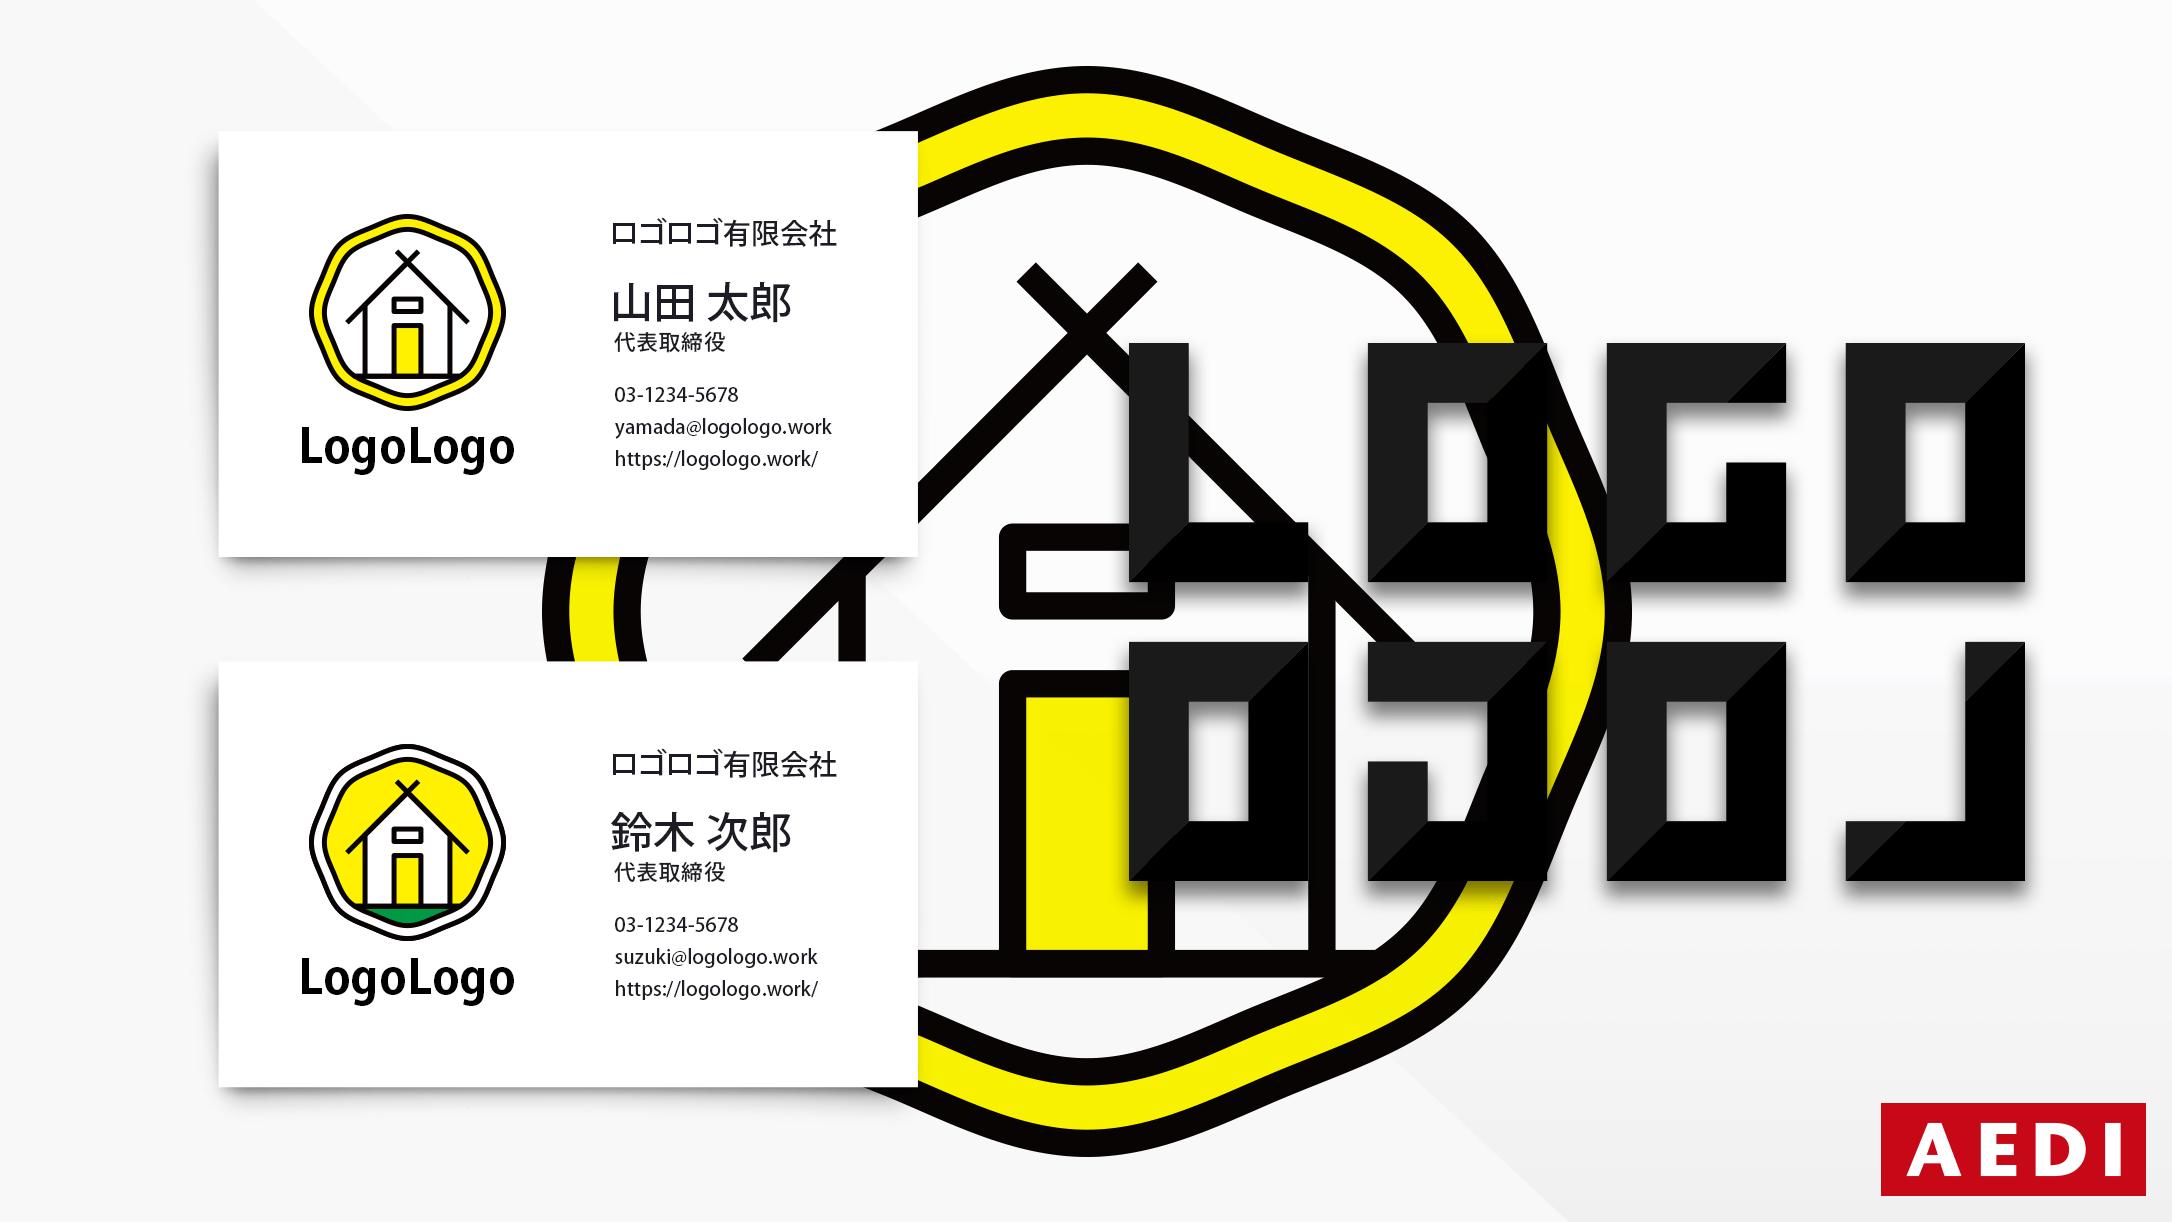 ロゴロゴ ロゴマークデザイン003 ホームページ/Web制作・デザイン制作 岡山県倉敷市のWebとデザインの制作会社 AEDI株式会社